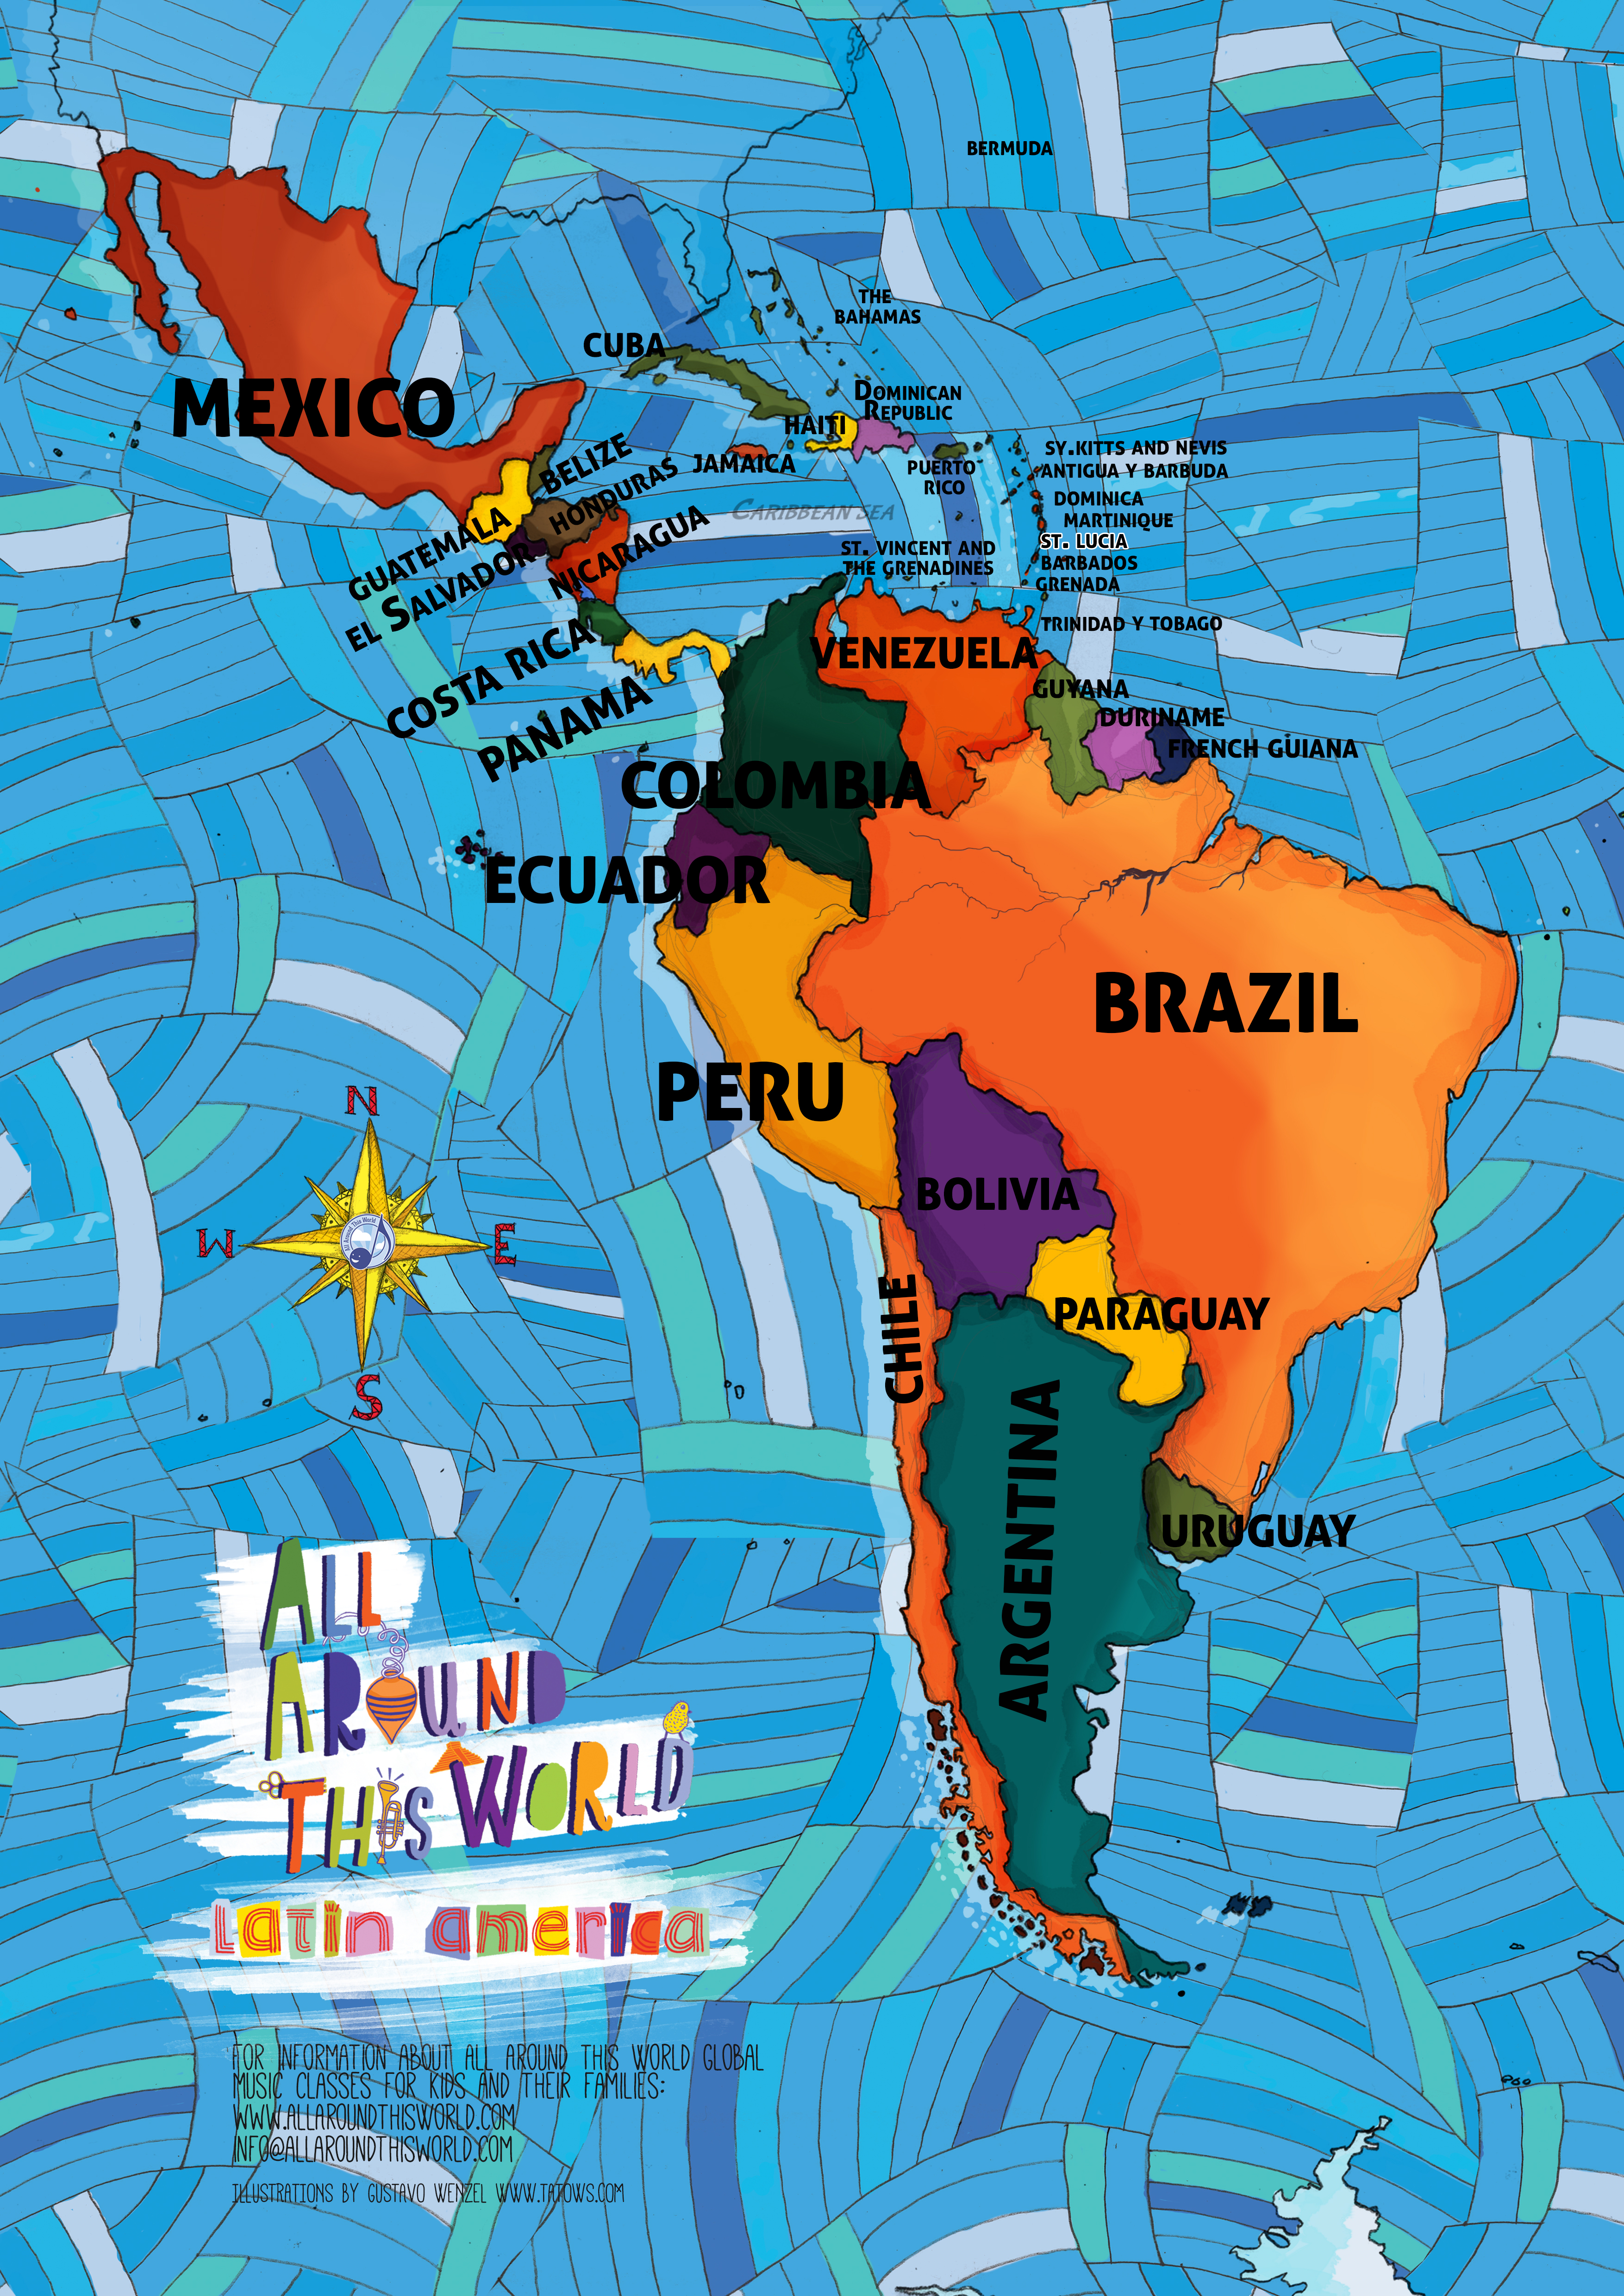 All Around This World Latin America